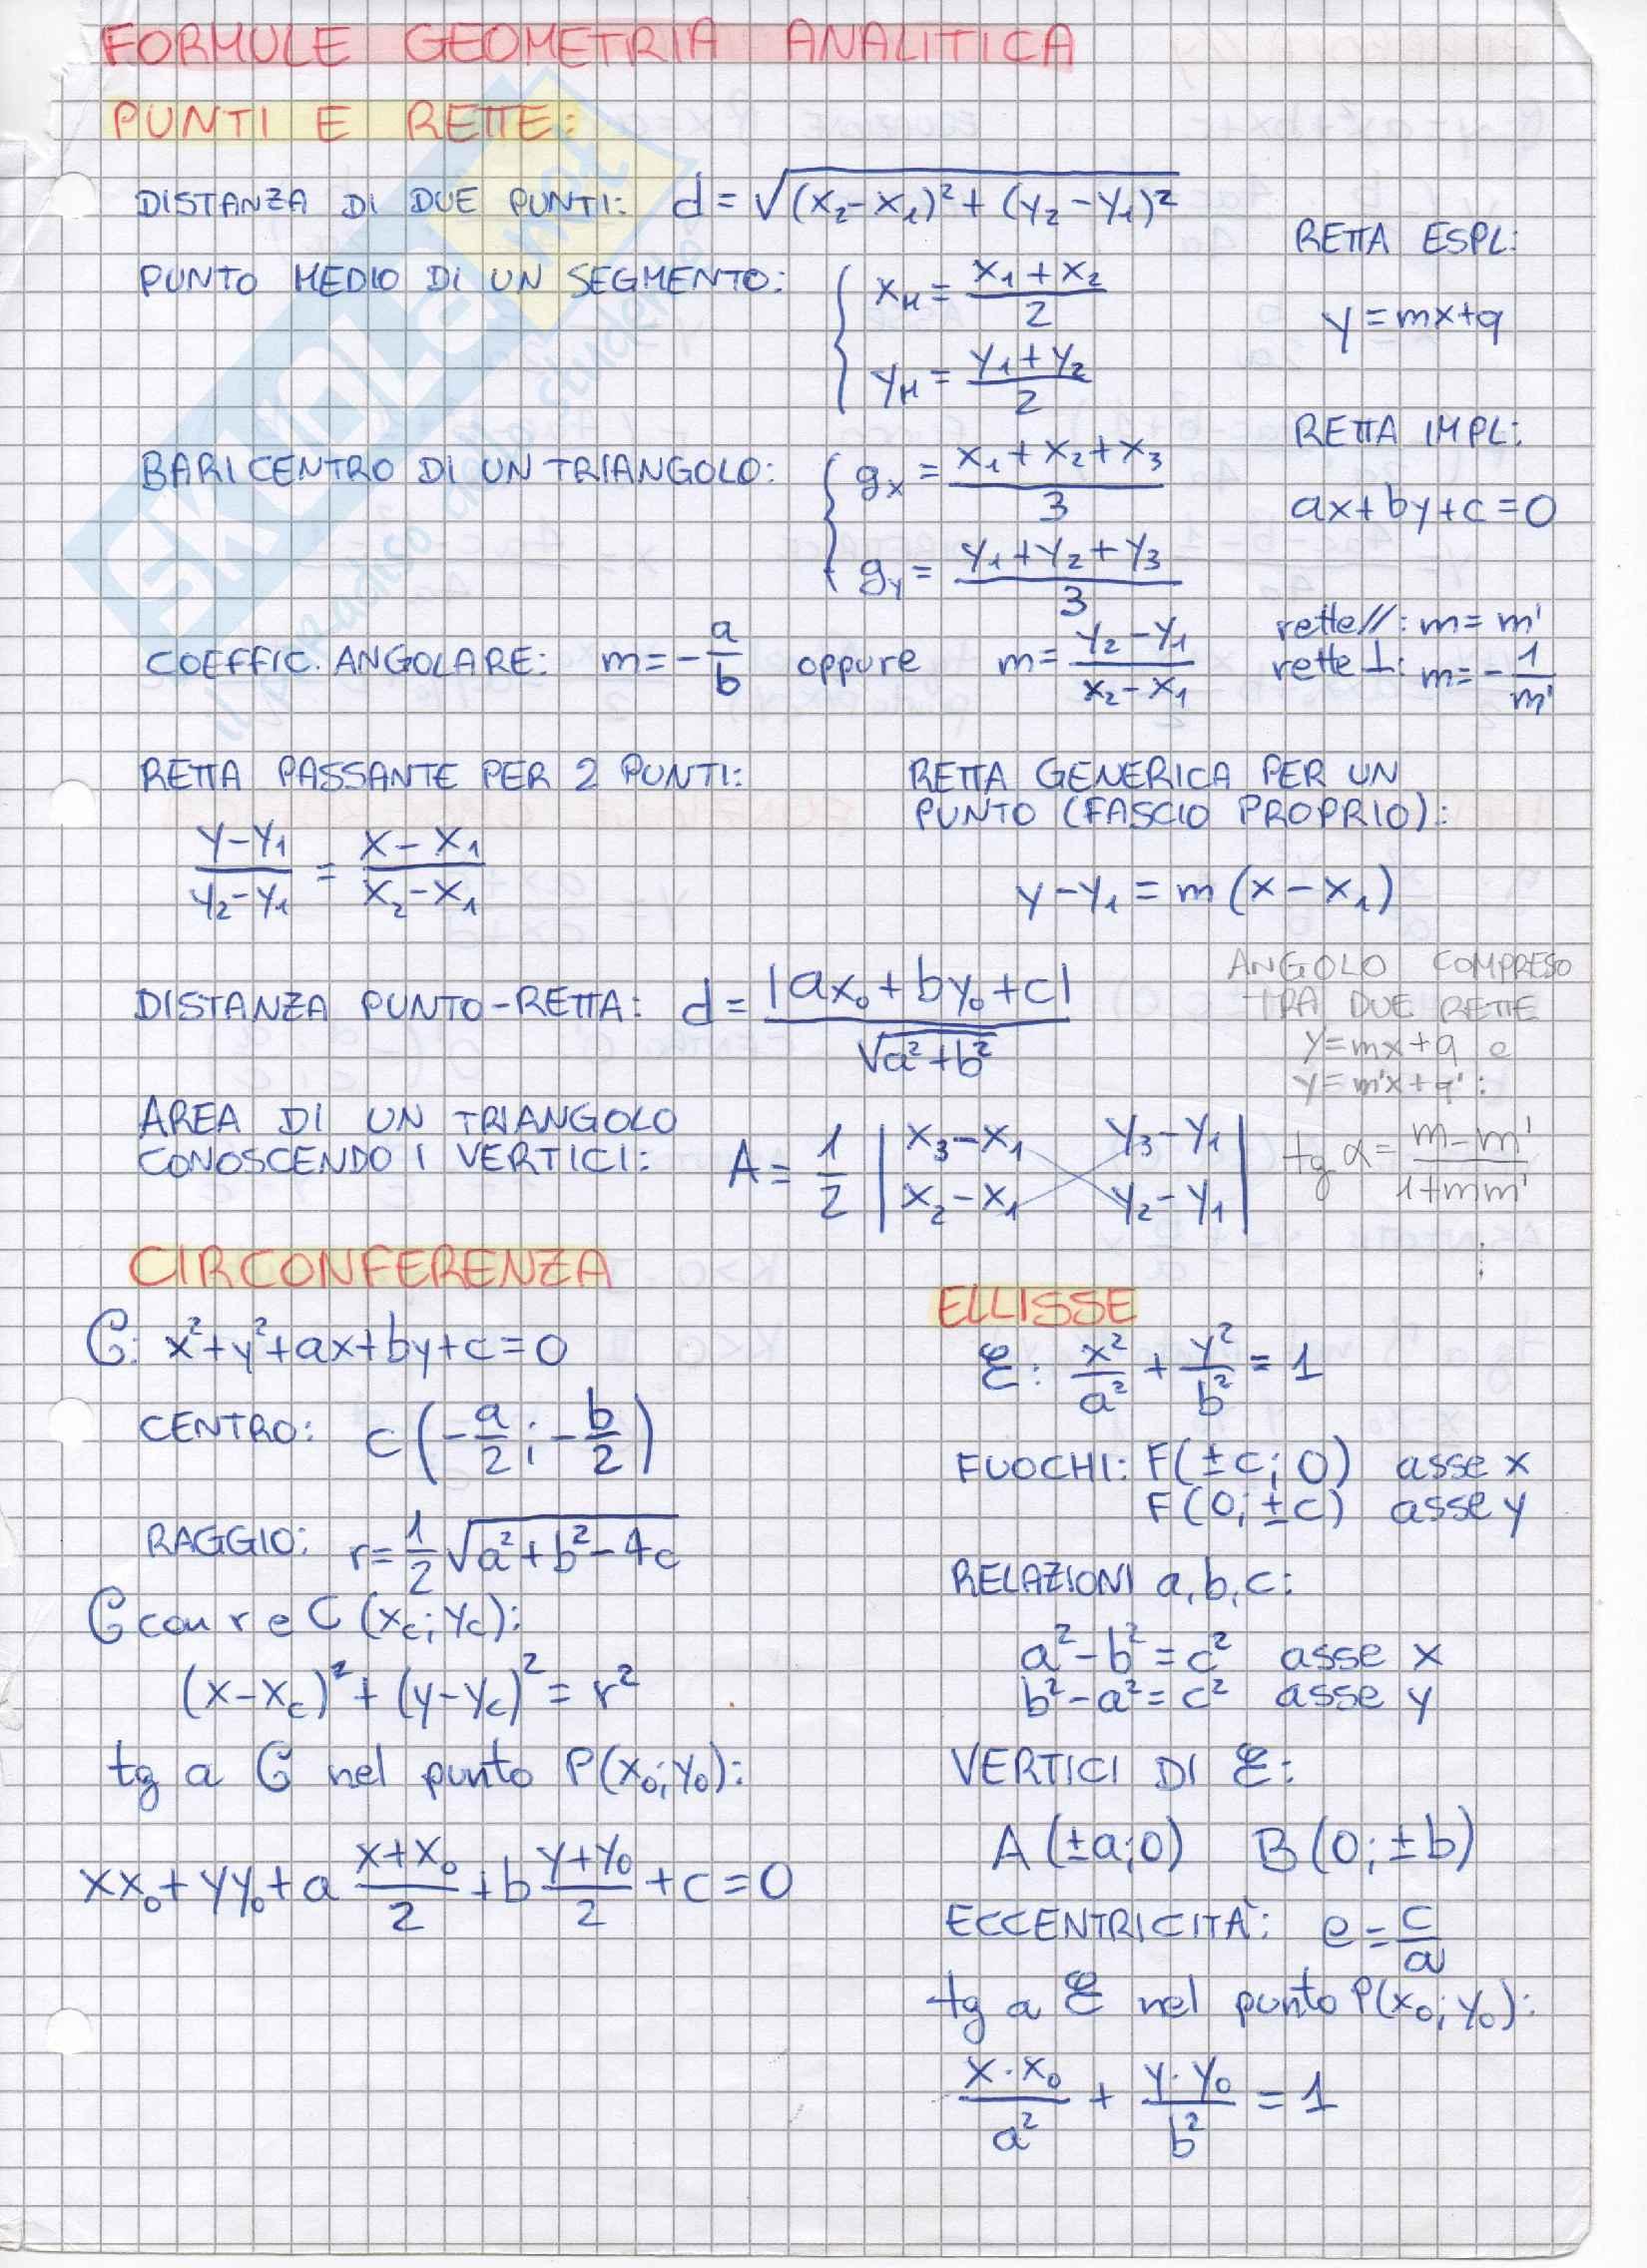 Geometria analitica - Formulario